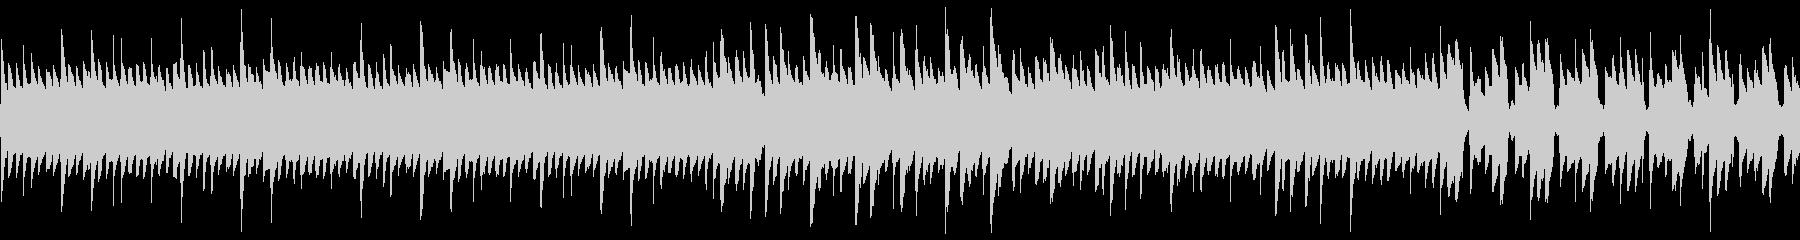 8bit ダークファンタジーな1分ループの未再生の波形